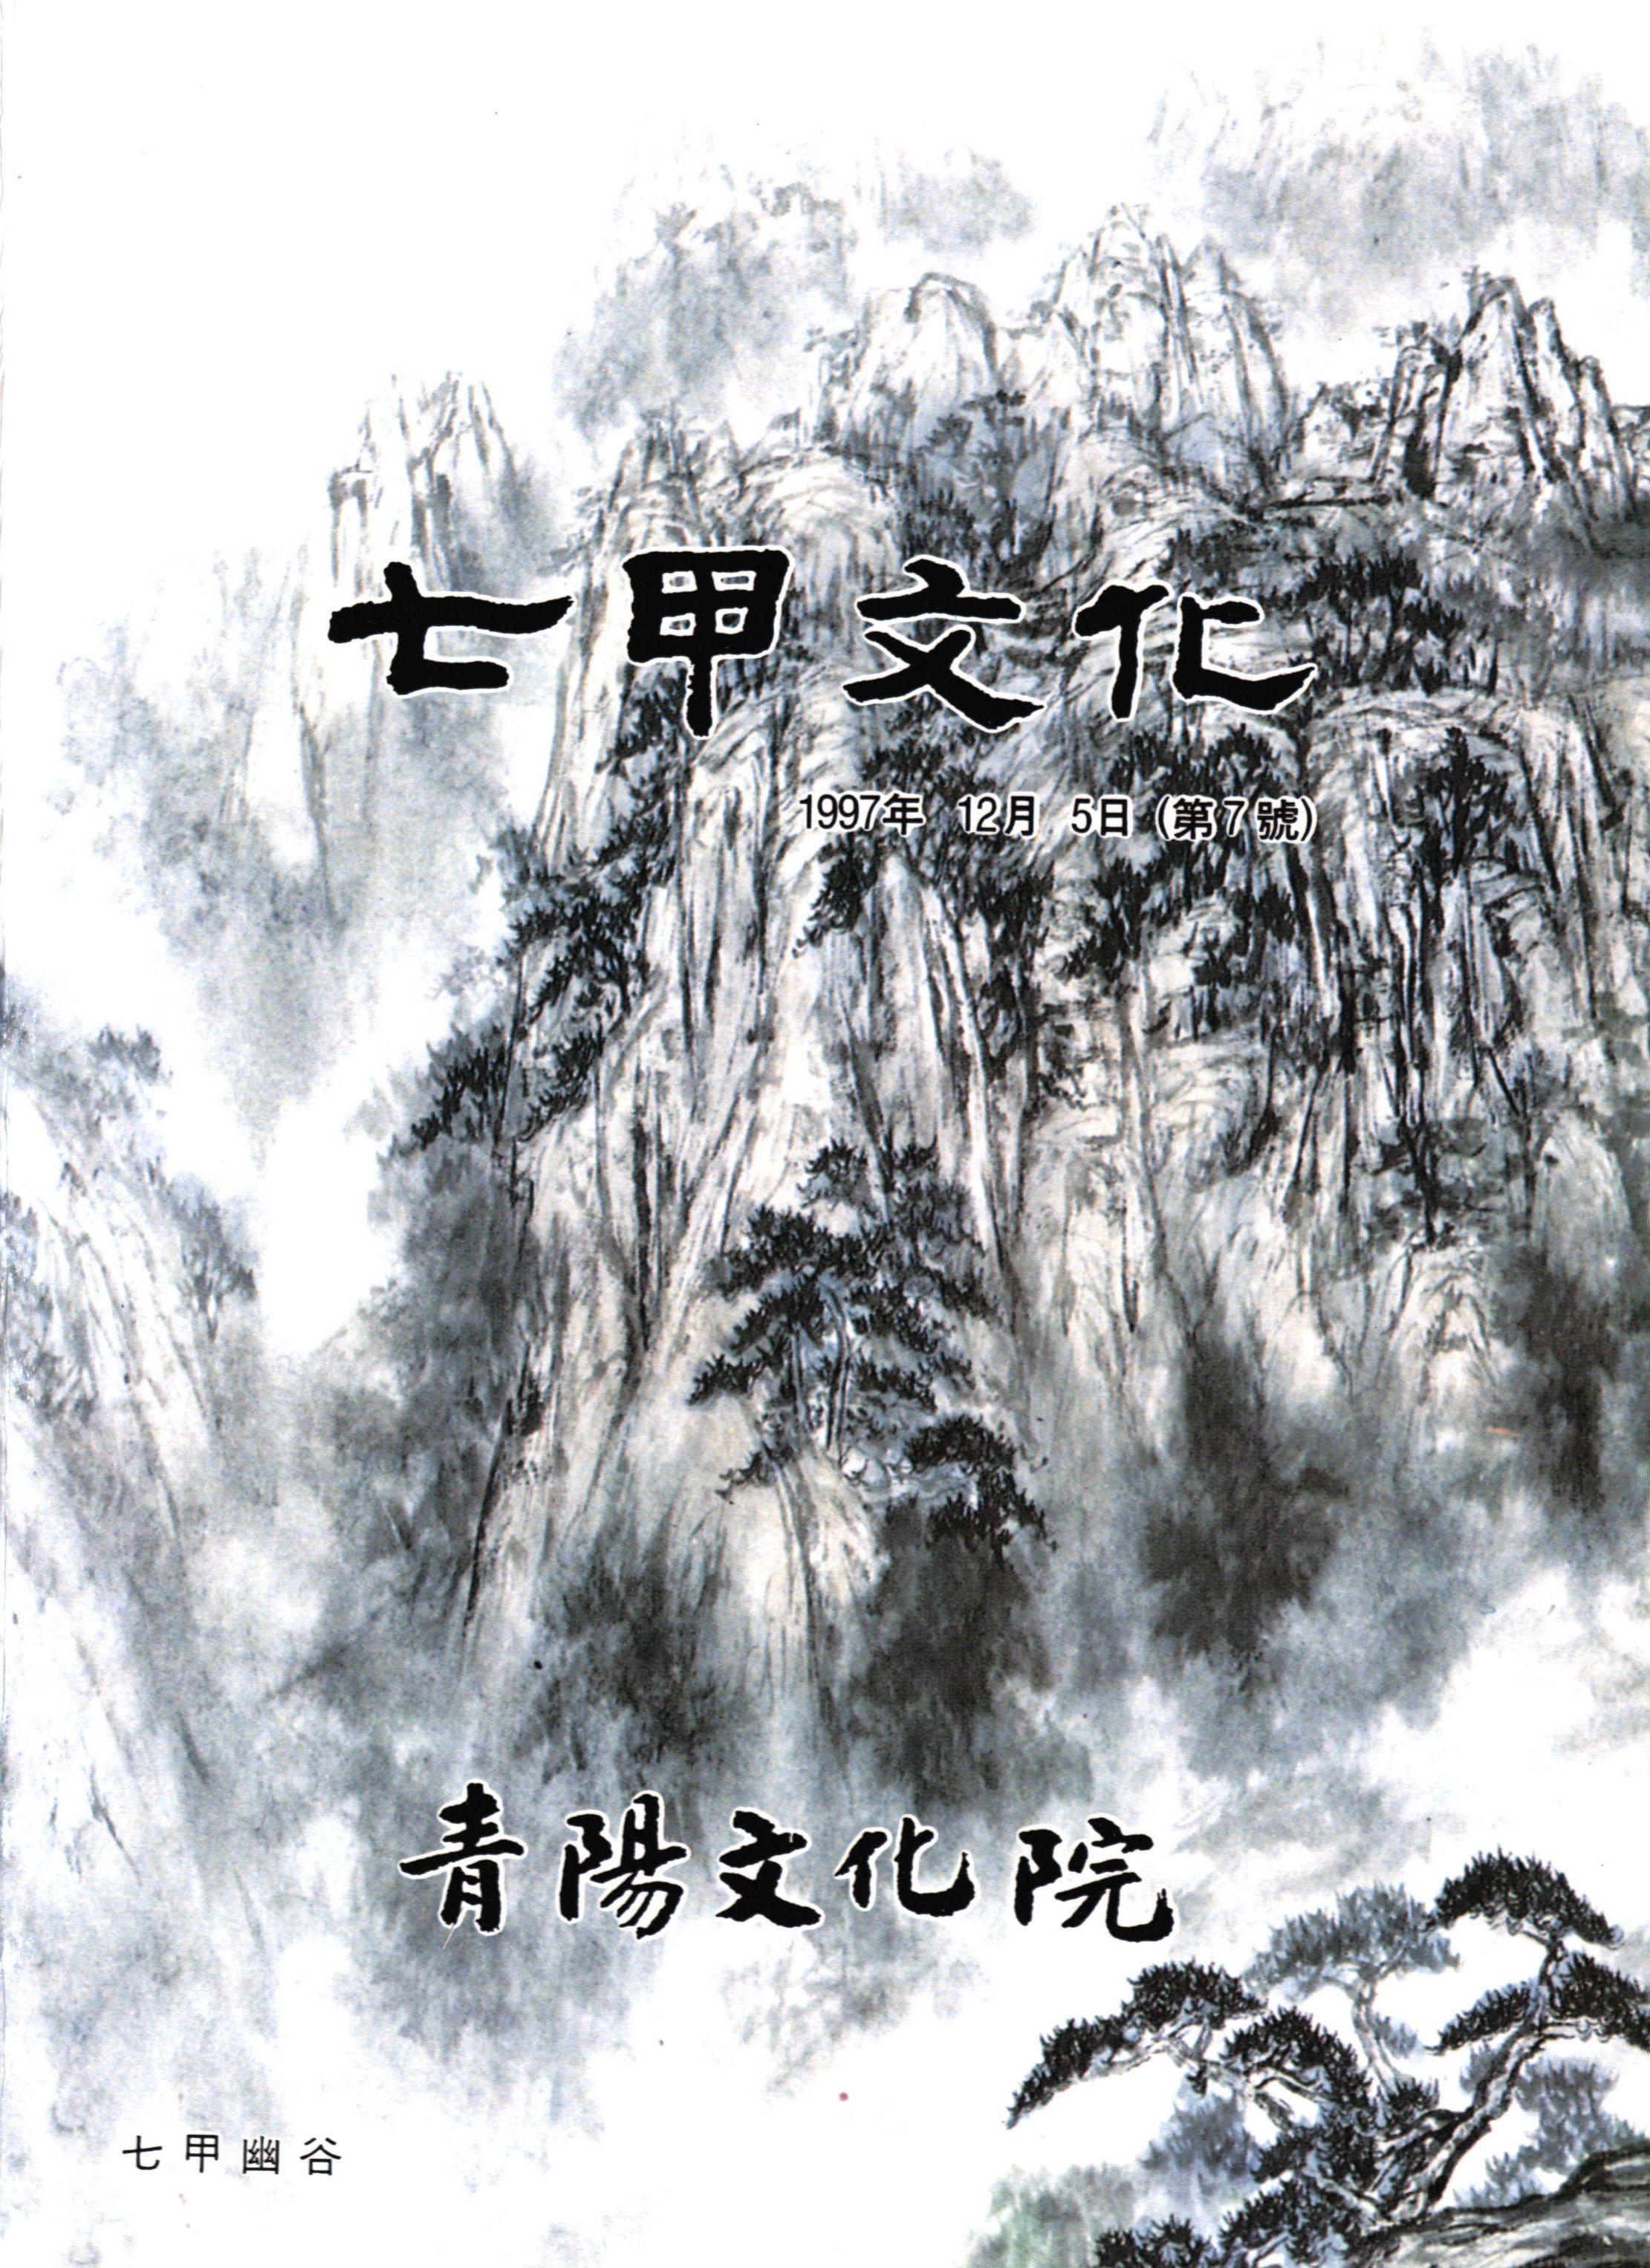 七甲文化 (칠갑문화) 제7호